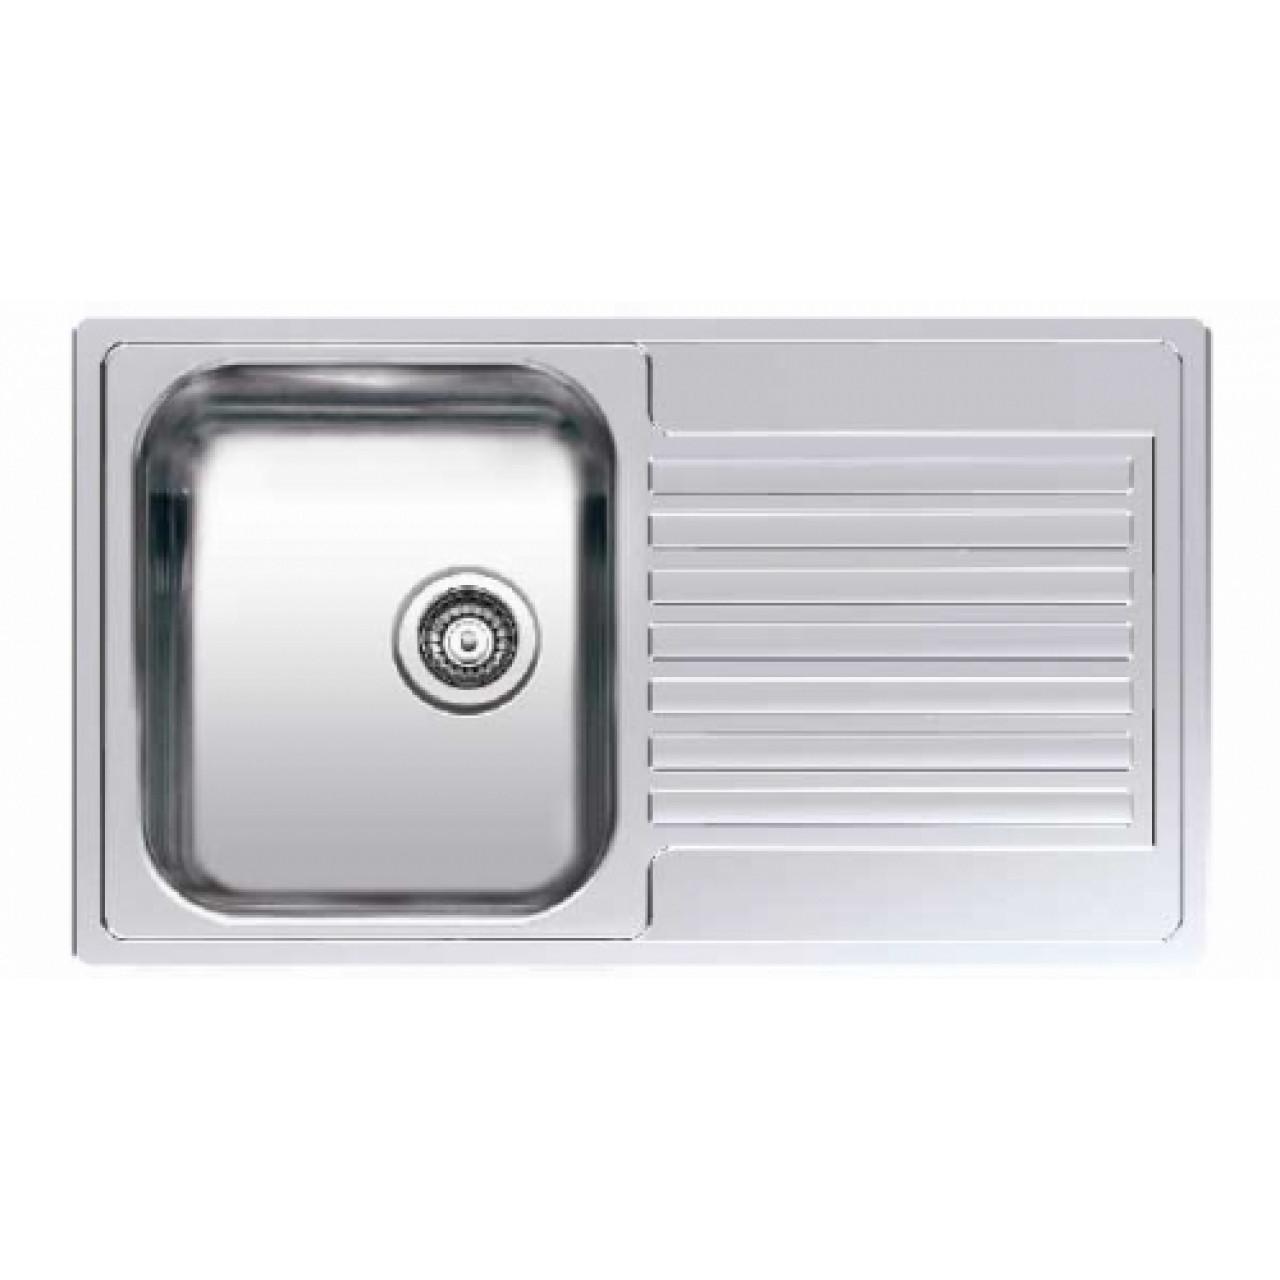 Кухонная мойка Reginox Centurio 10 LUX OKG 43307 купить в Москве по цене от 13500р. в интернет-магазине mebel-v-vannu.ru